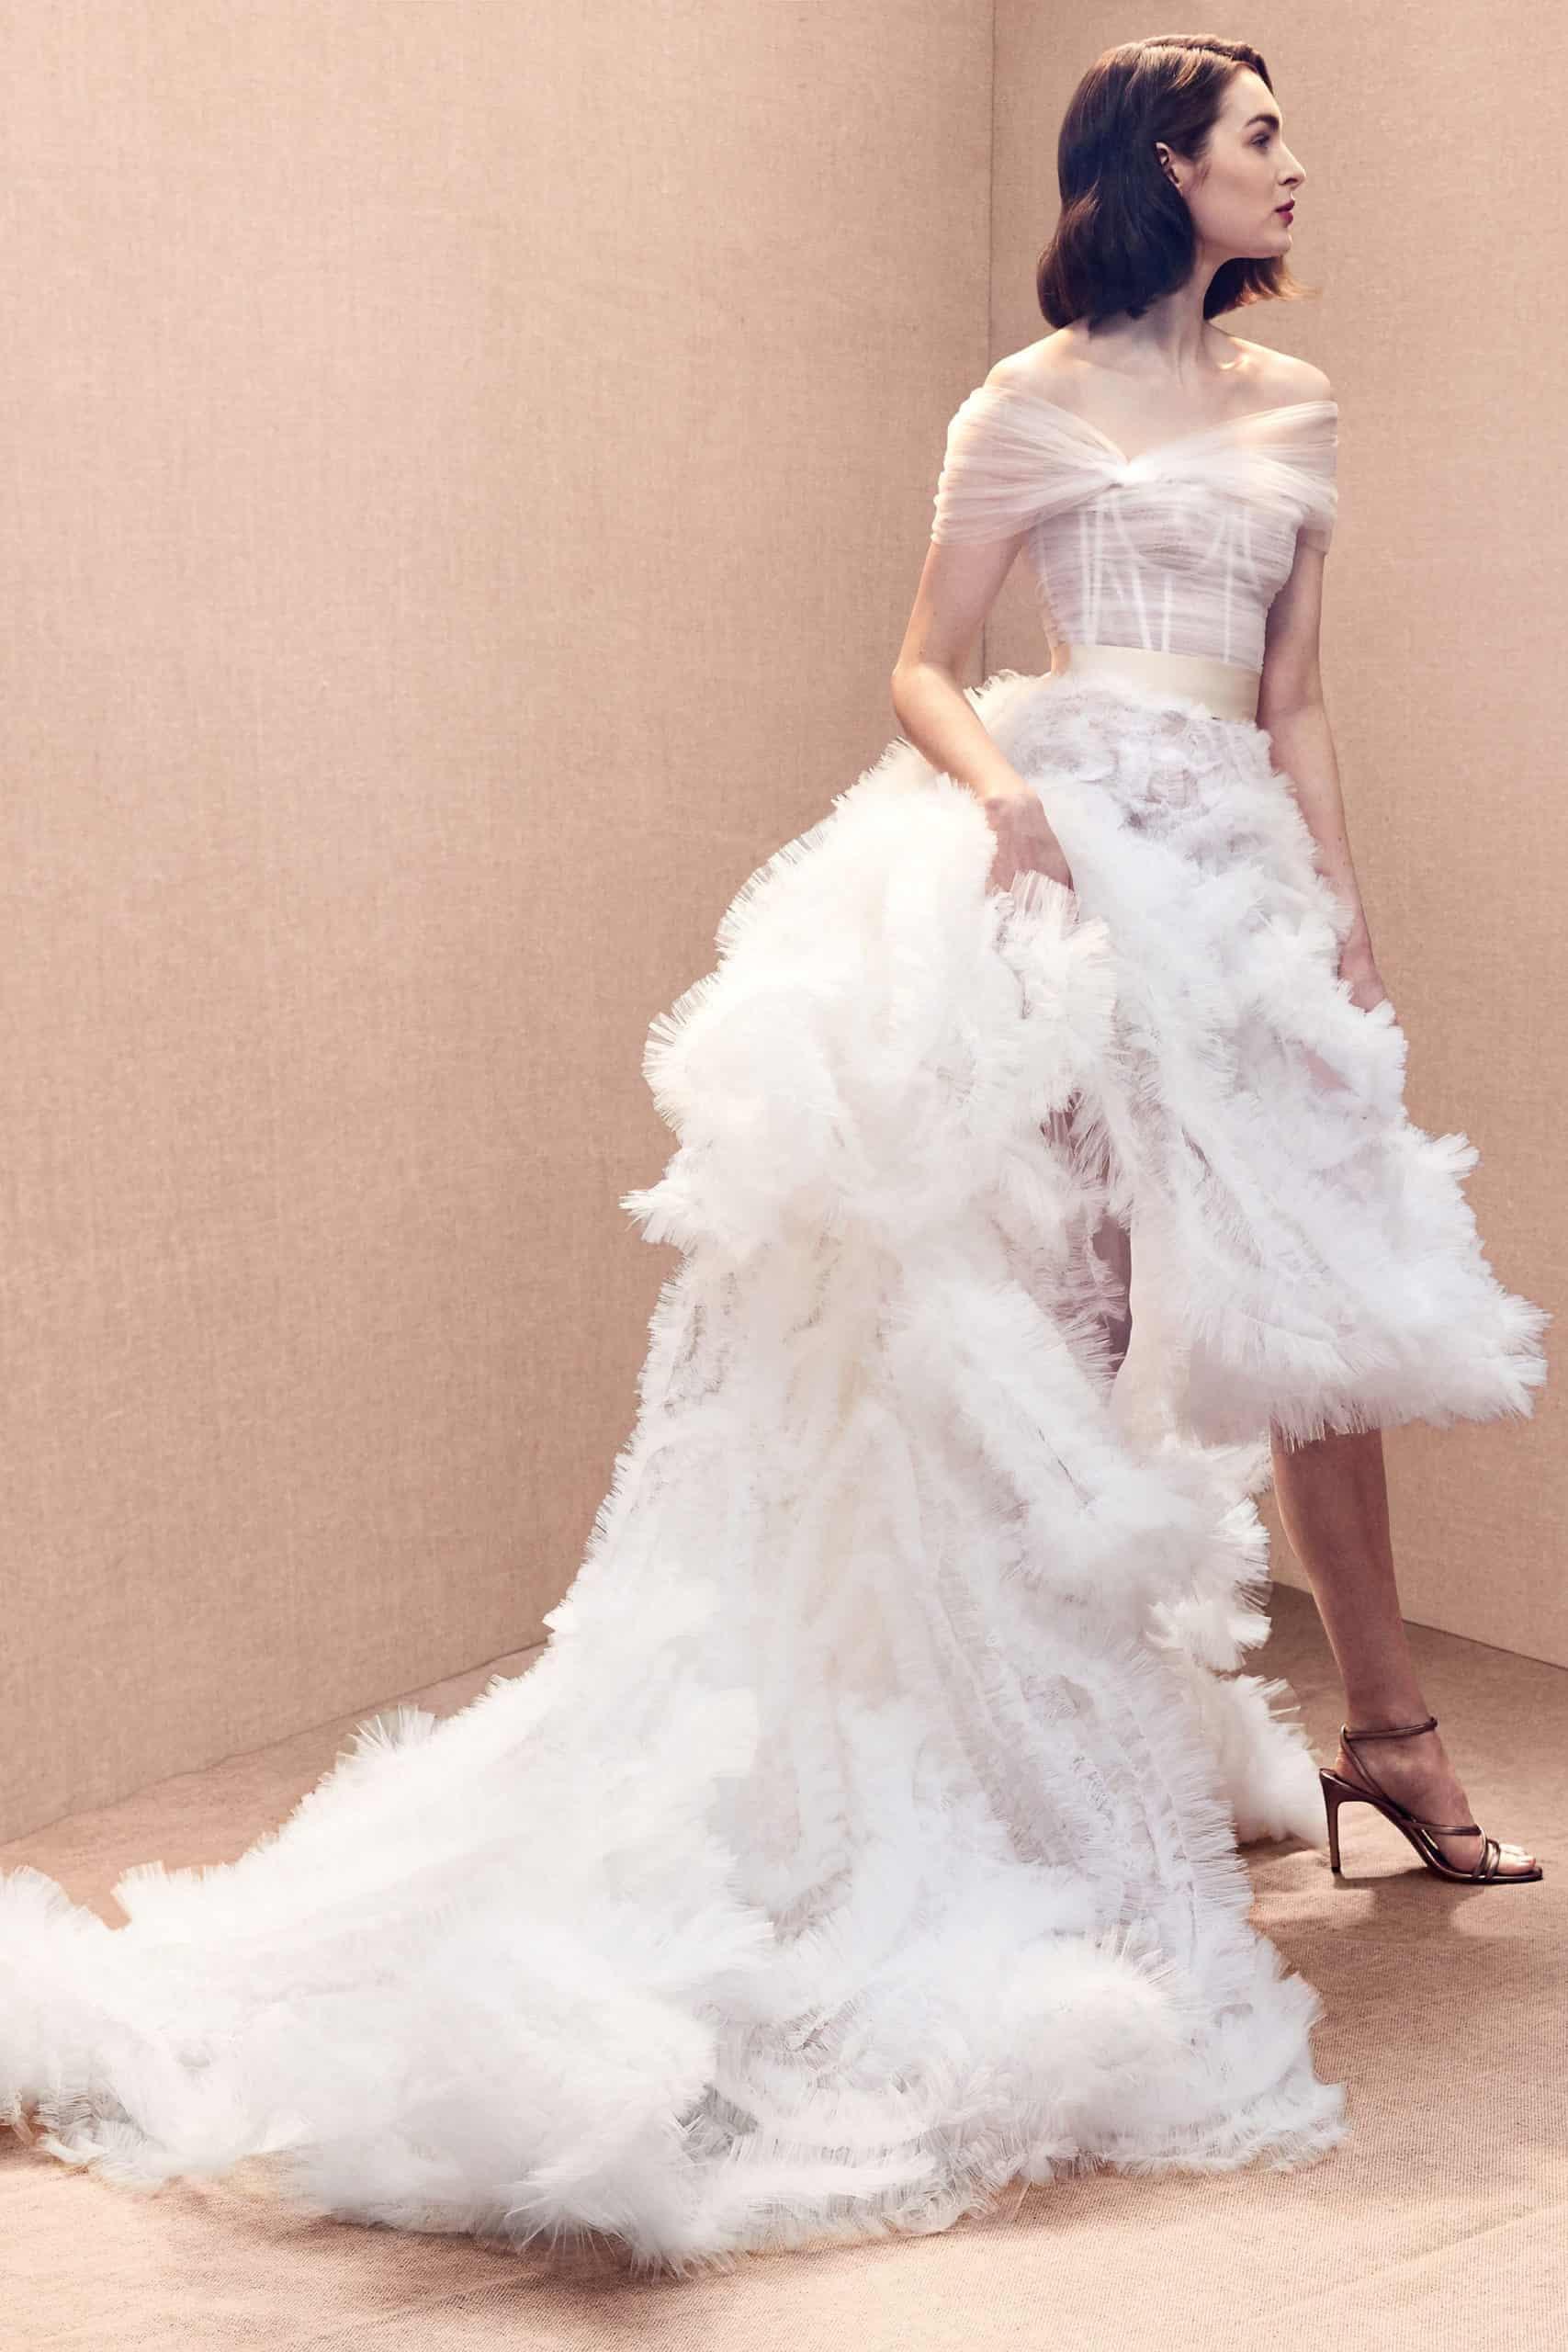 νυφικό φόρεμα με φούστα από φτερά από τον Oscar de la Renta